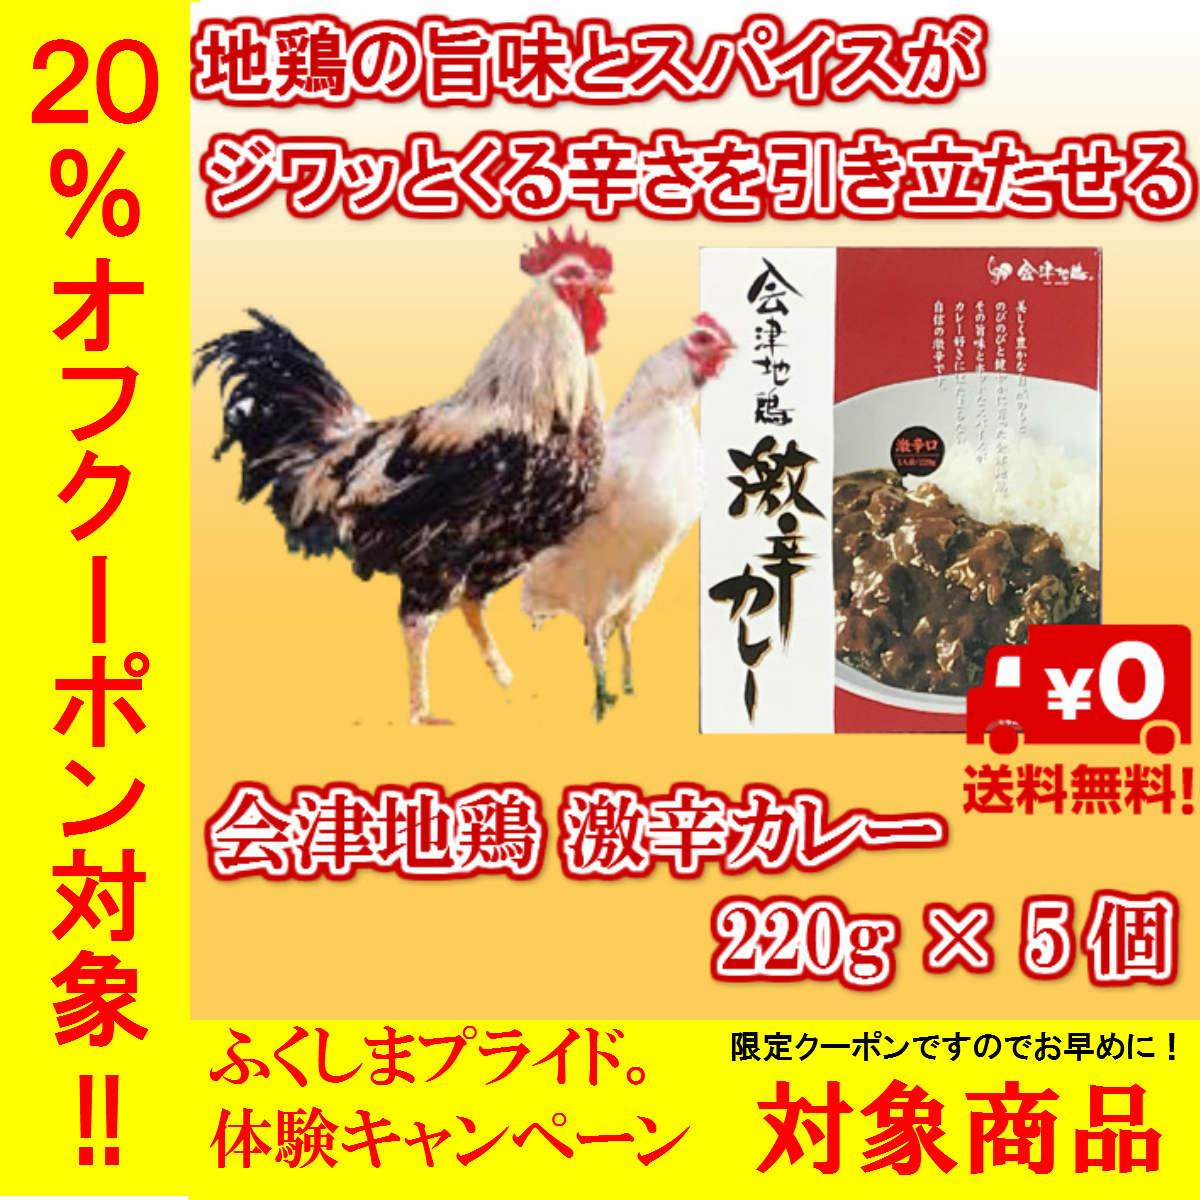 会津地鶏 激辛 カレー レトルト 詰合せ 会津地鶏ネット 送料無料 220g x 5個 ふくしまプライド